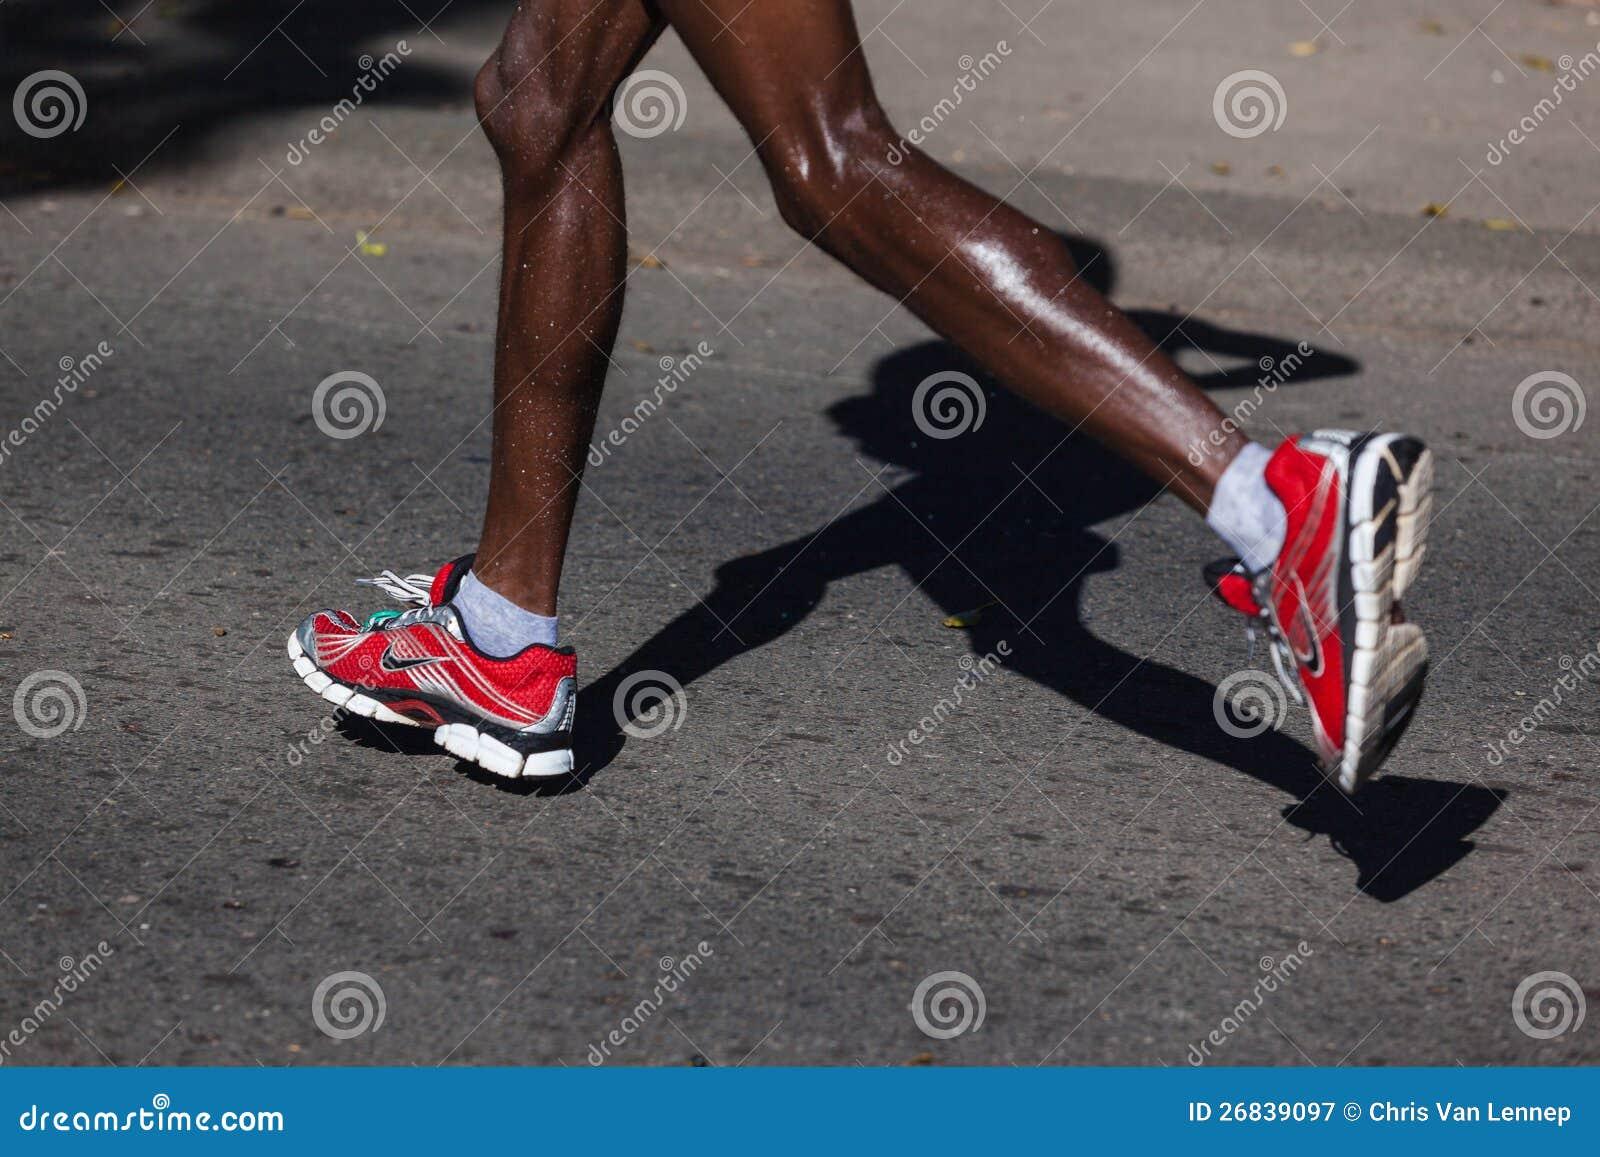 Immagine della foto dei pattini dei corridori di maratona dei camerati 87c5051e2ec